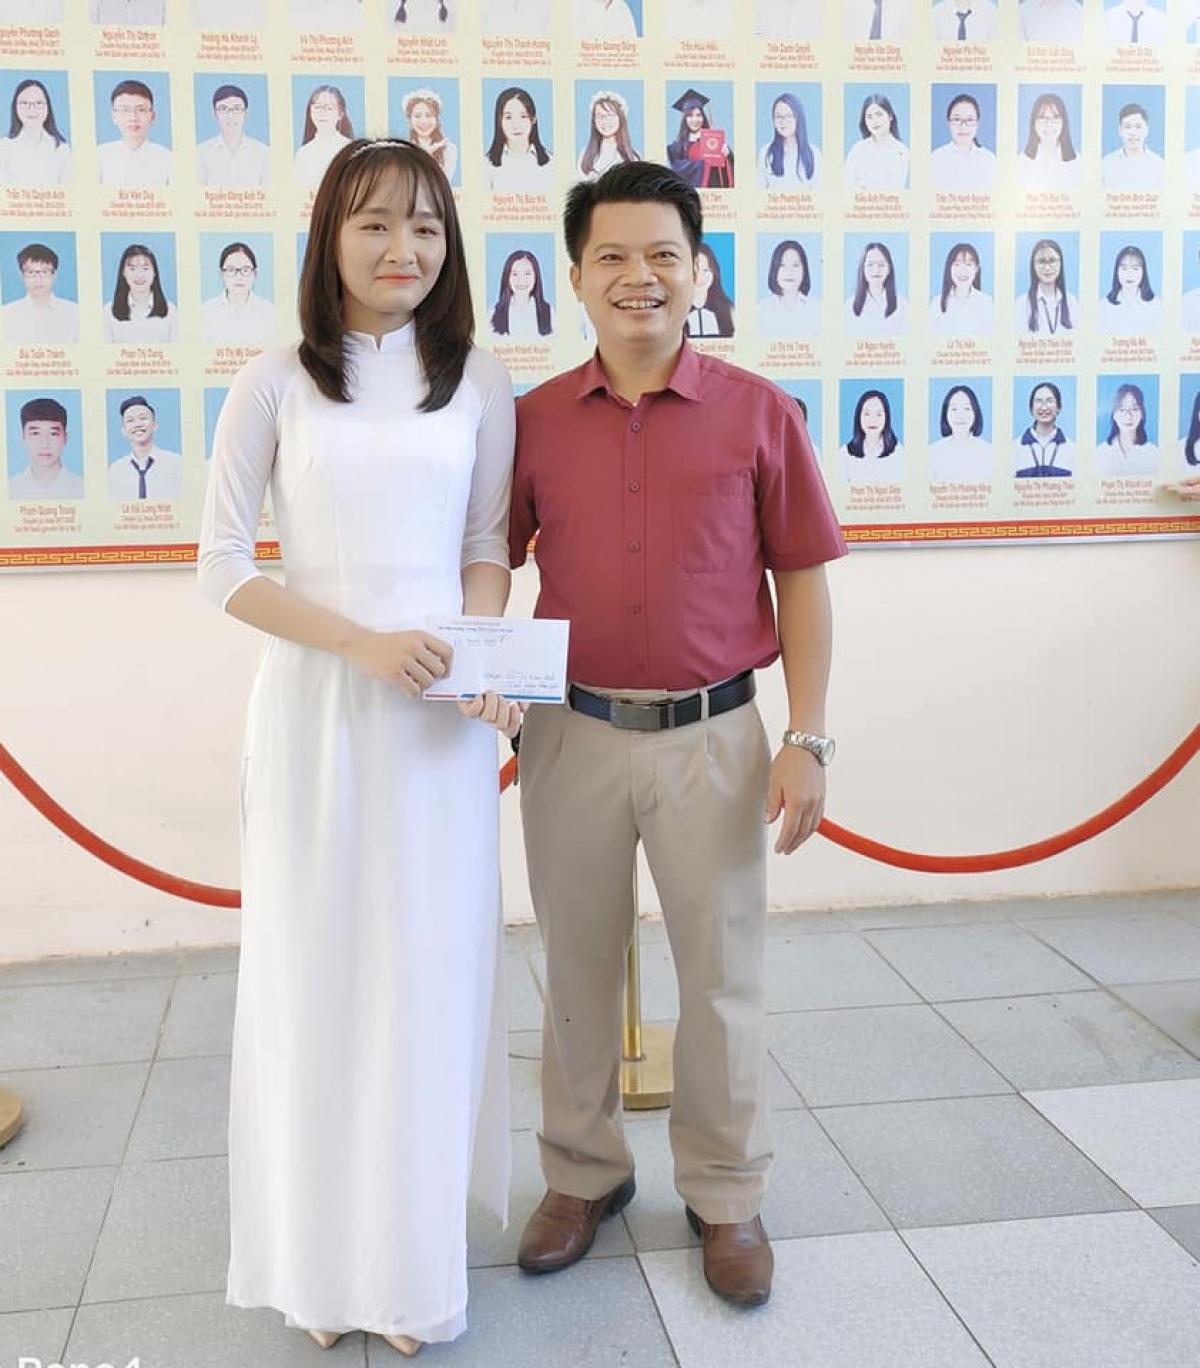 """Võ Thị Kim Anh nhận """"phần thưởng nóng"""" từ thầy Phó Hiệu trưởng trường THPT chuyên Hà Tĩnh ngay sau khi trở thành thủ khoa toàn quốc khối B. (Ảnh: NVCC)"""